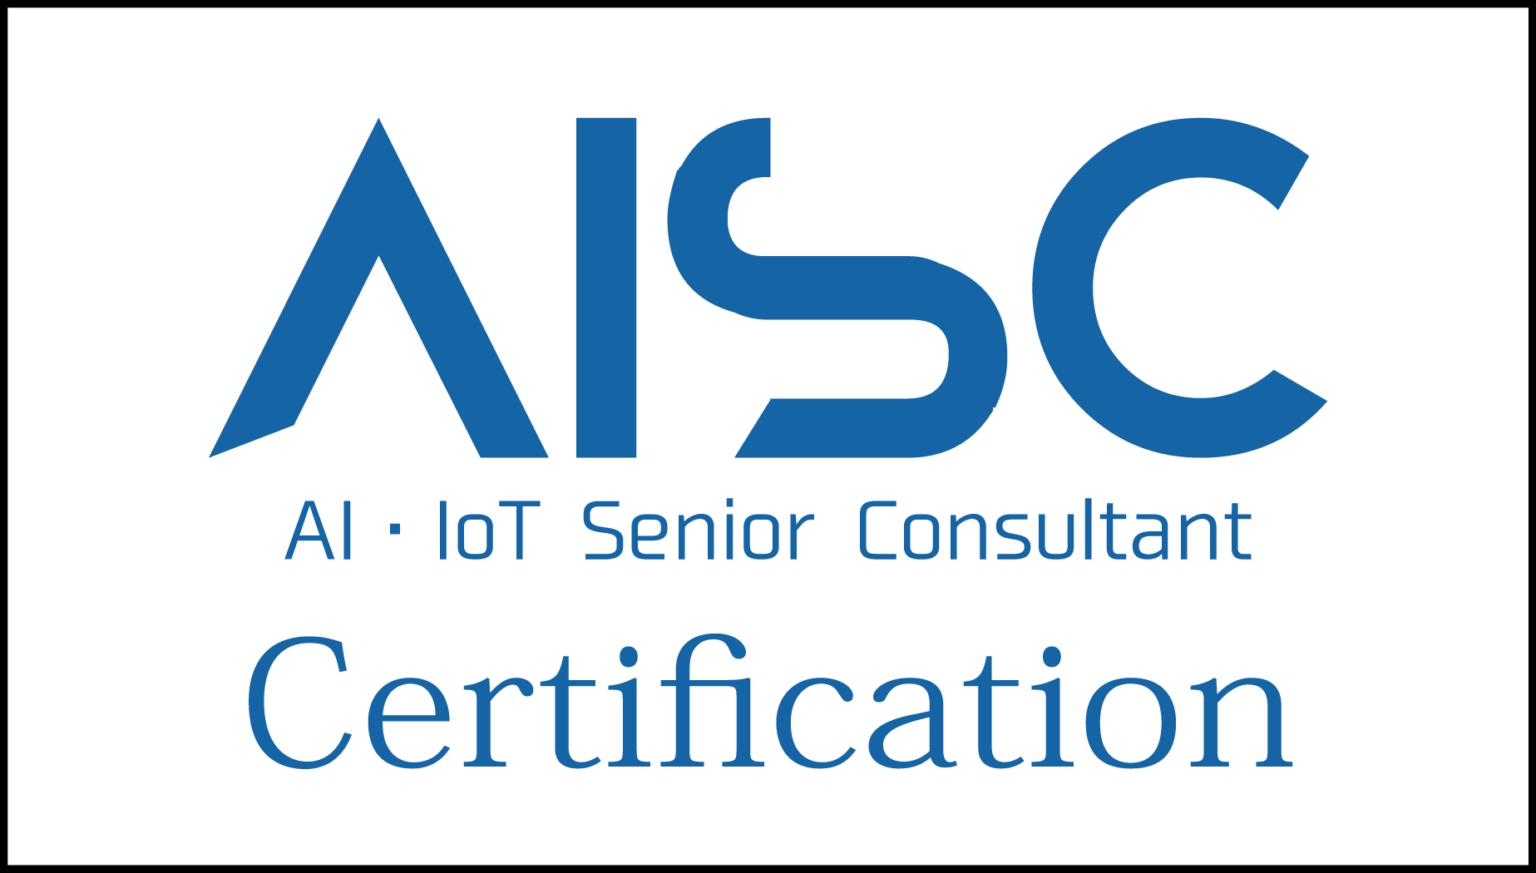 弊社ITコンニャクタントがAI・IoTシニアコンサルタントに認定されました。